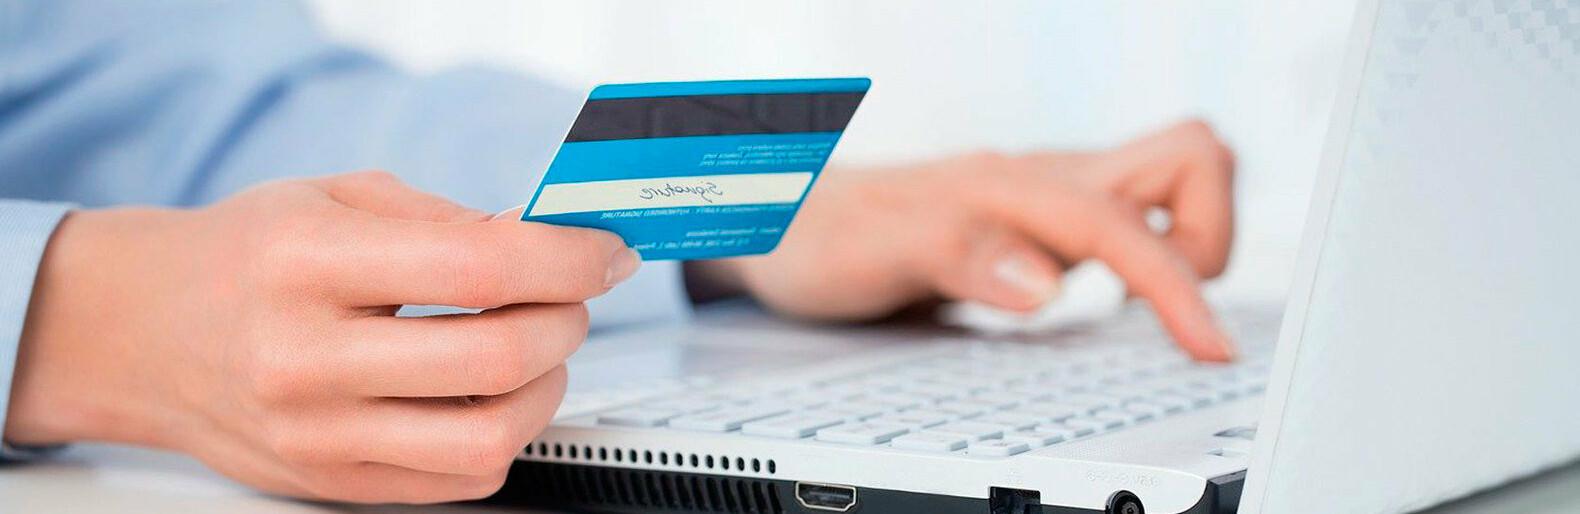 кредити онлайн на карточку займ на киви онлайн клюква